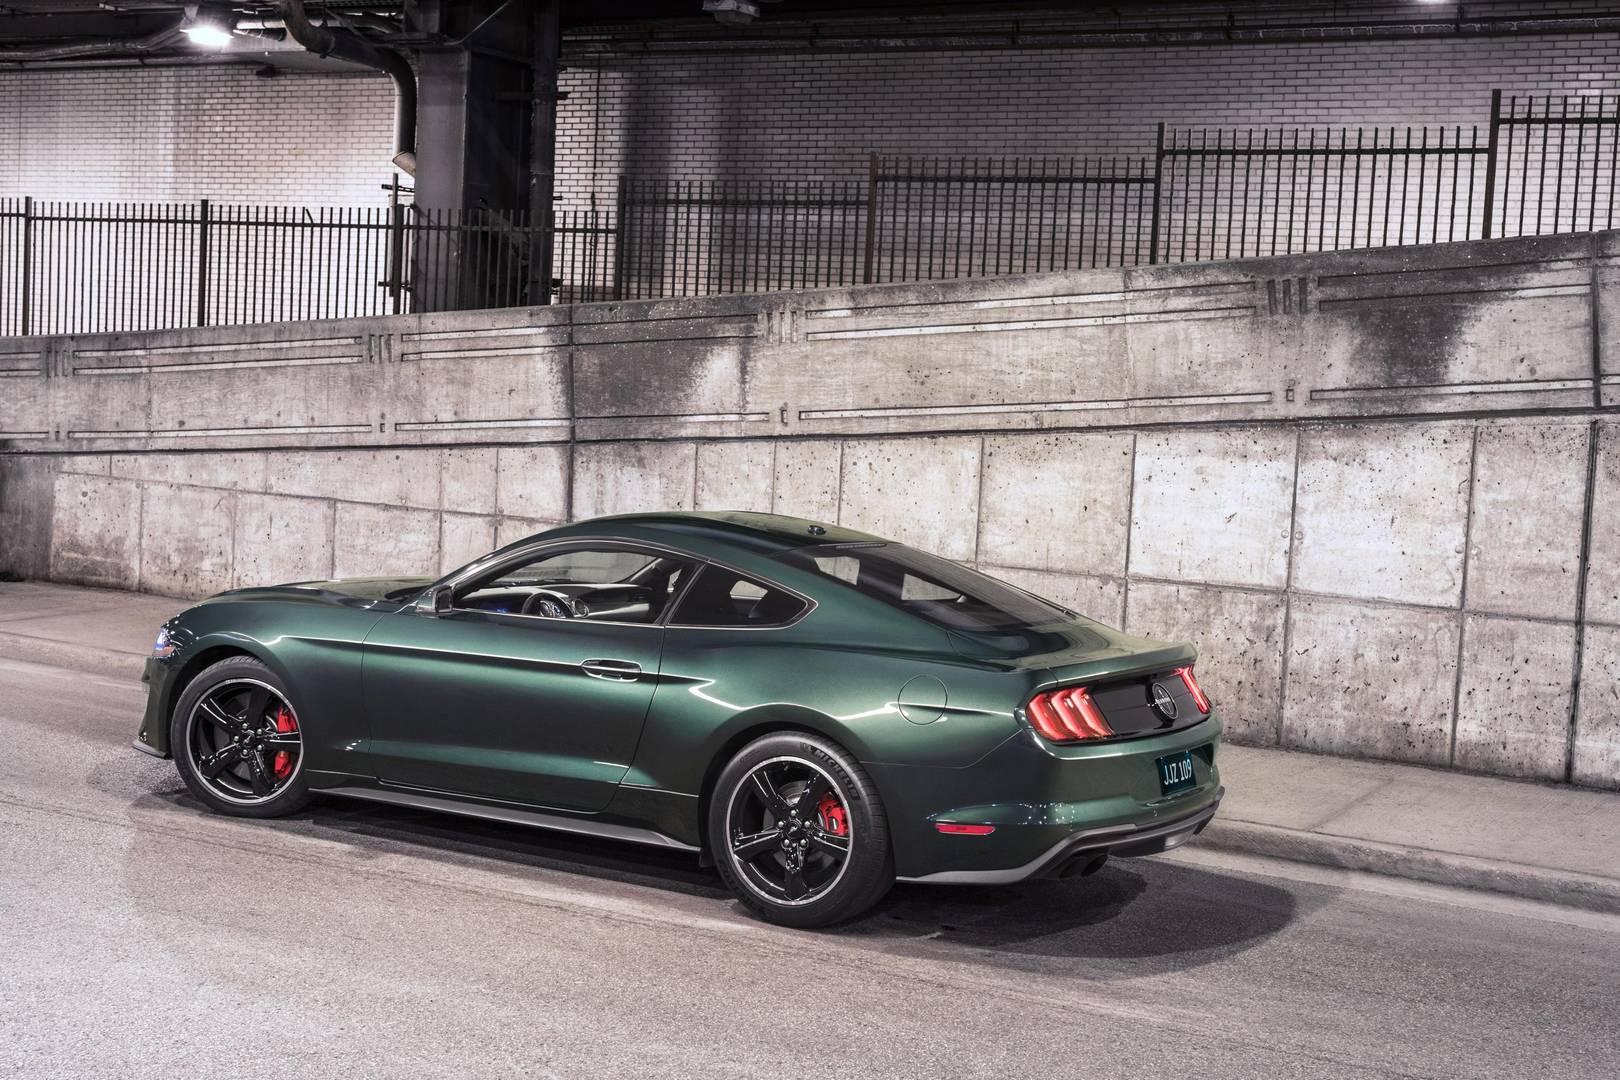 Новый Ford Mustang Bullitt Limited Edition получает 5,0-литровый двигатель V8 с впечатляющим 475 л.с. и 570 Нм крутящего момента. Максимальная скорость – 260 км/ч. Ford применил механическую коробку передач и рукоятку переключения белого цвета в этом